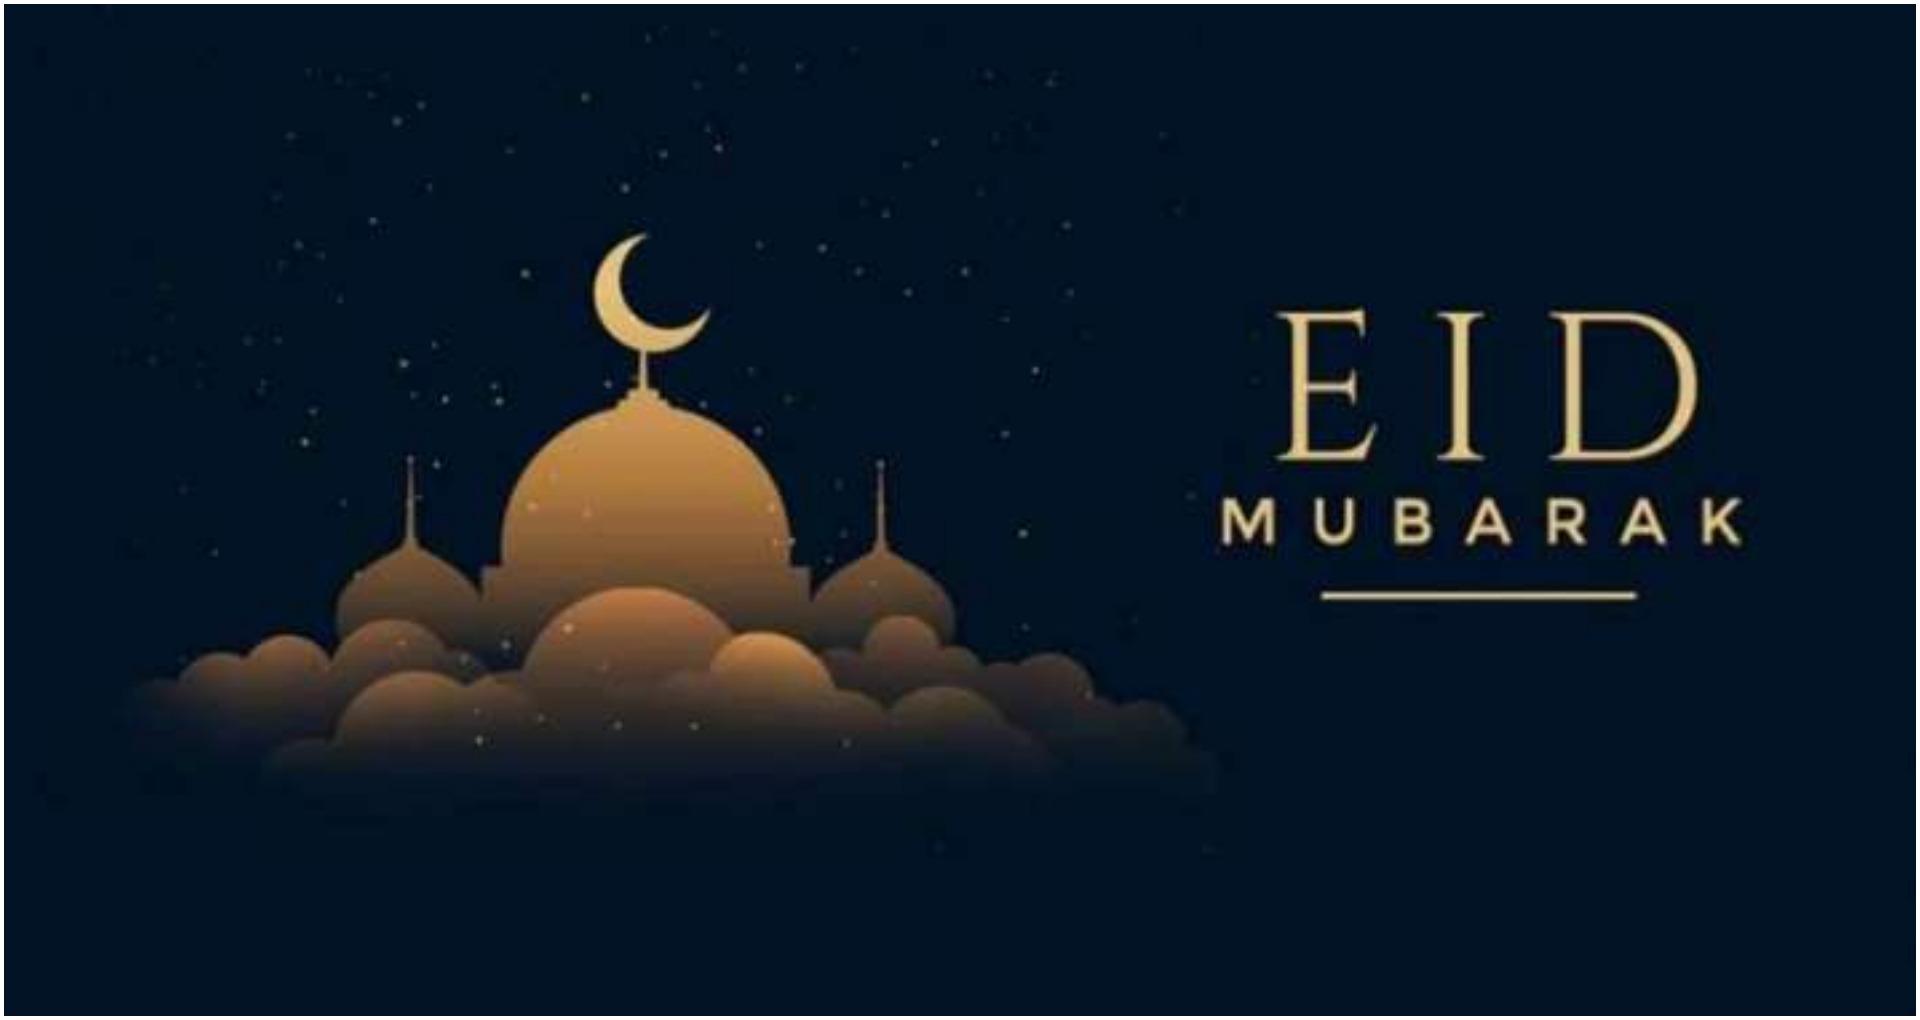 Eid Mubarak 2020 Wishes: अपने दोस्तों और रिश्तेदारों को भेजें ईद मुबारकबाद के ये मैसेज और शायरी